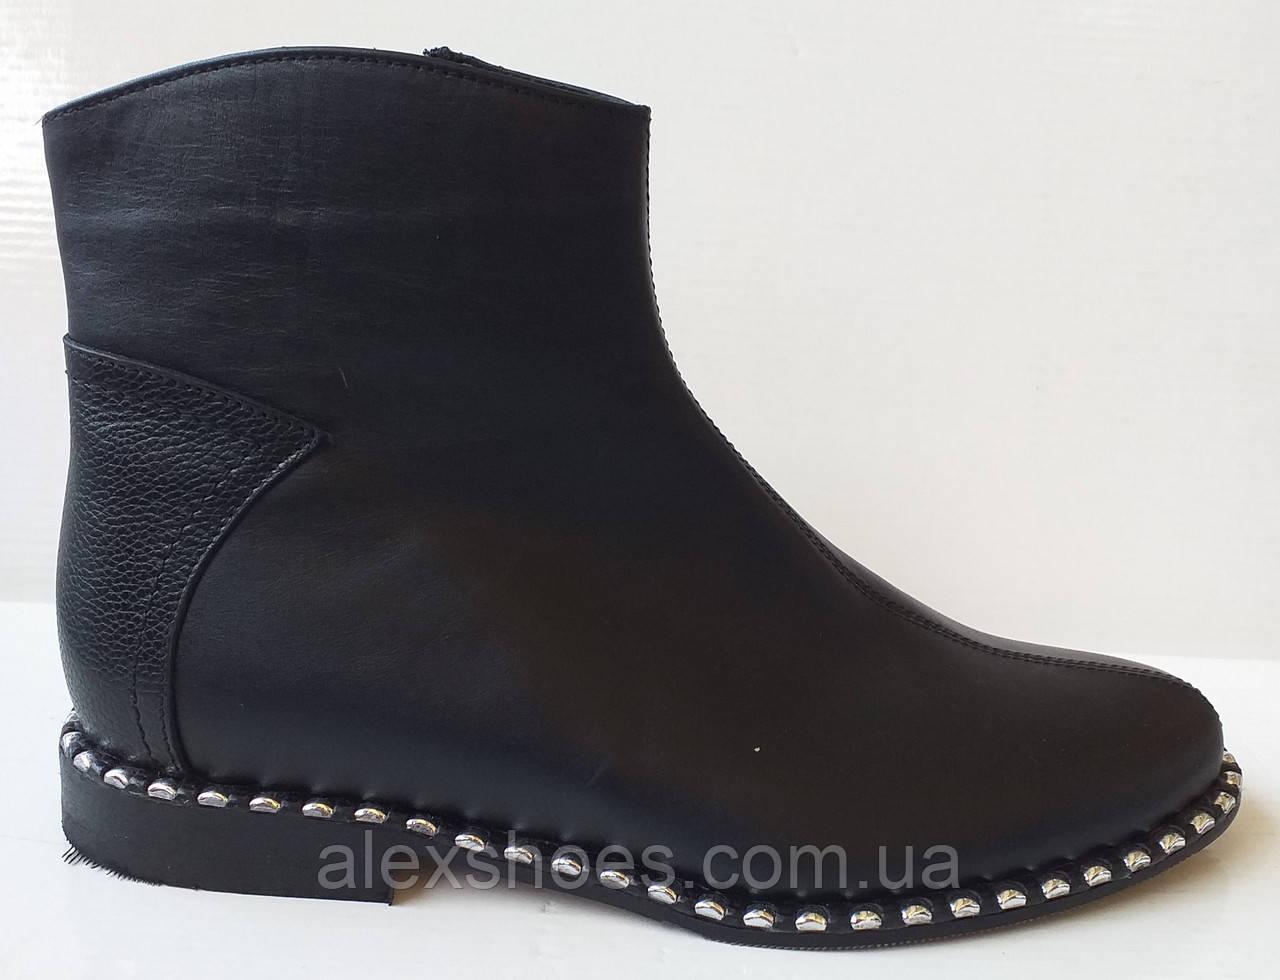 Ботинки демисезонные из натуральной кожи большого размера от производителя модель АР272-3